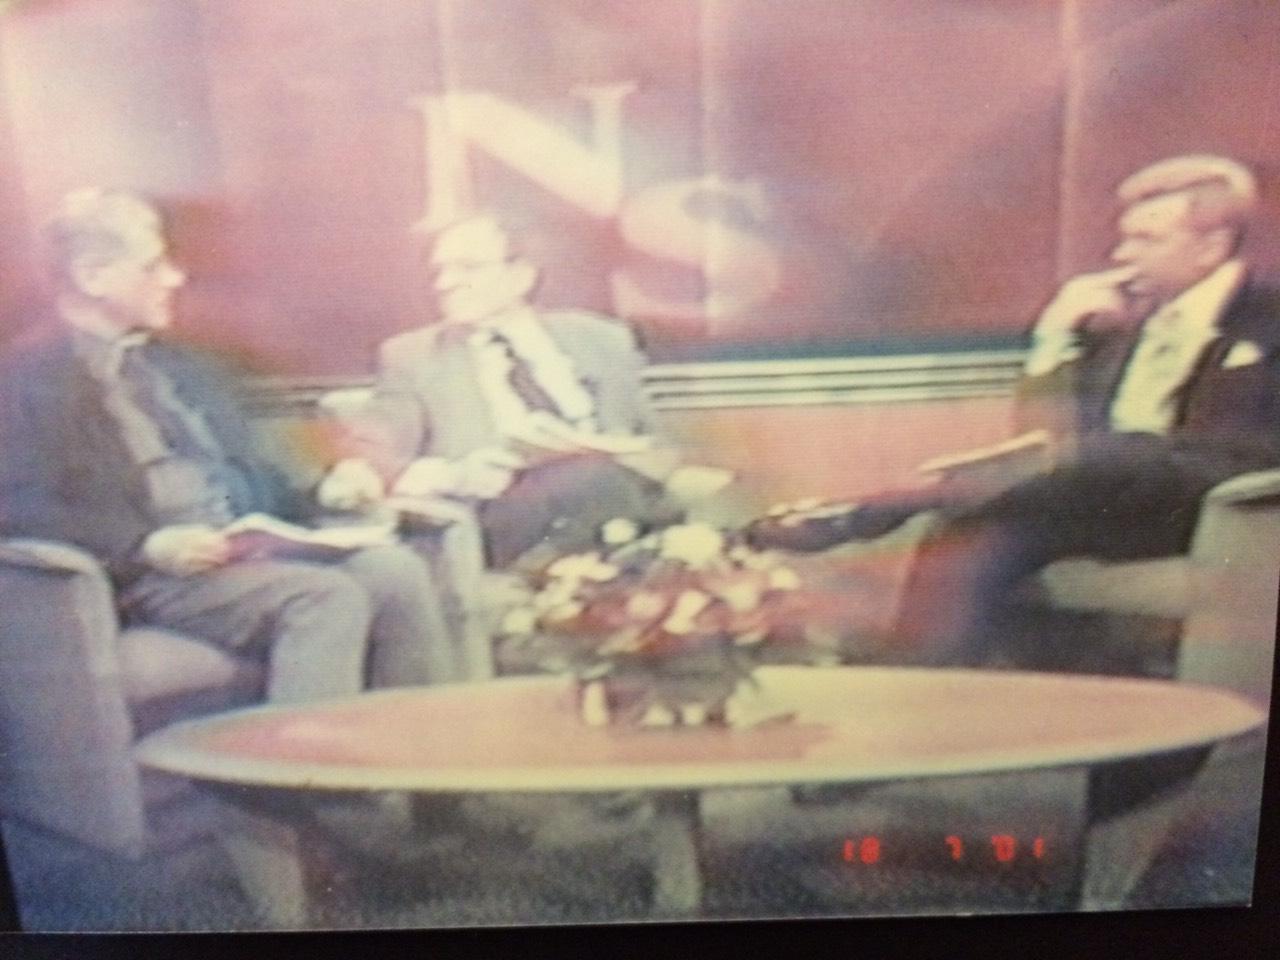 Gjatë debatit televiziv Barolli - Simiq (i pari nga e majta, kurse në të djathtë nikoqiri i debatit). Foto nga ekrani televiziv